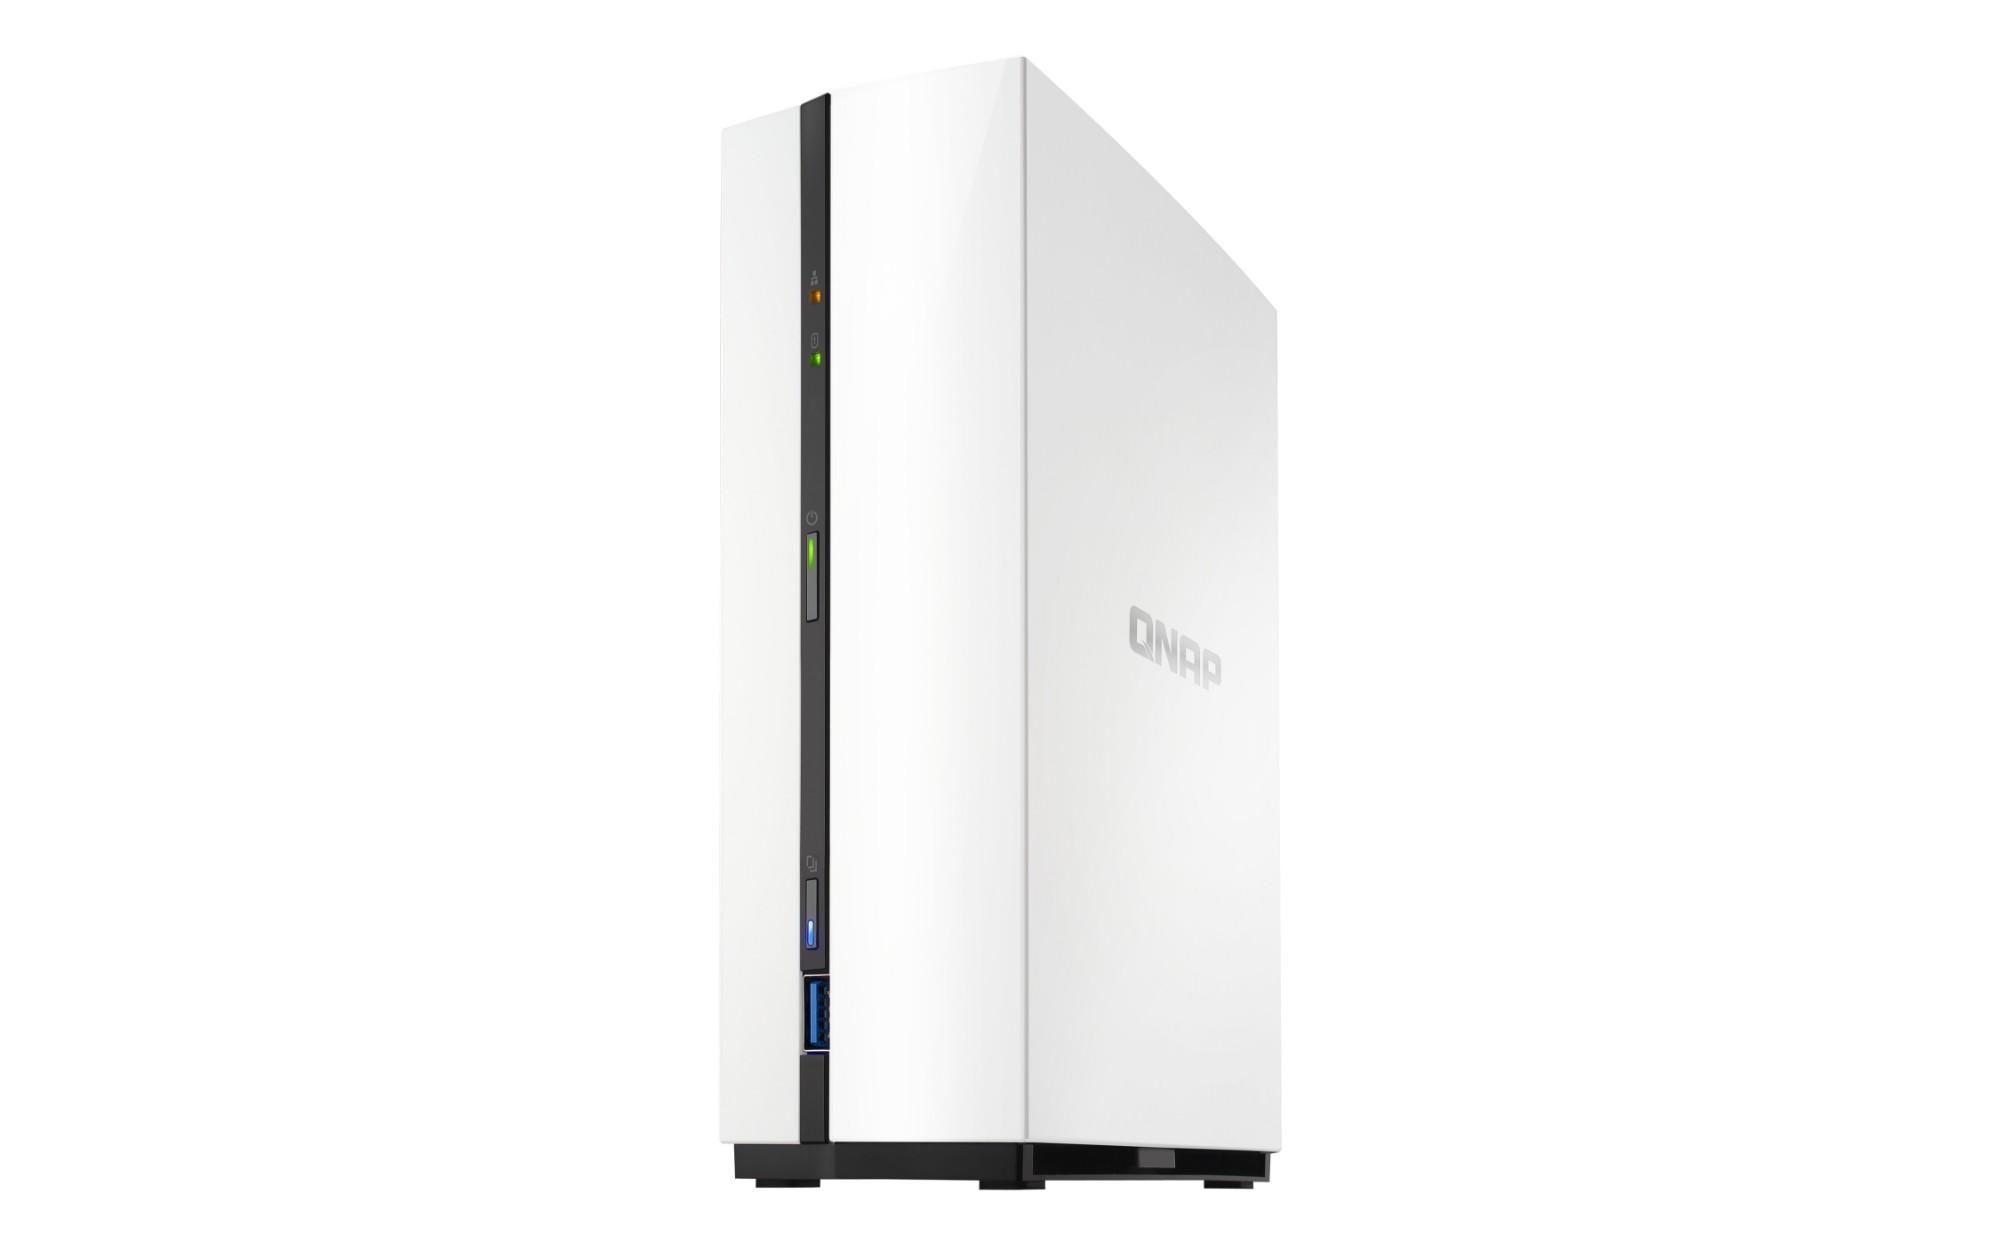 QNAP TS-128A Ethernet LAN Mini Tower Black,White NAS